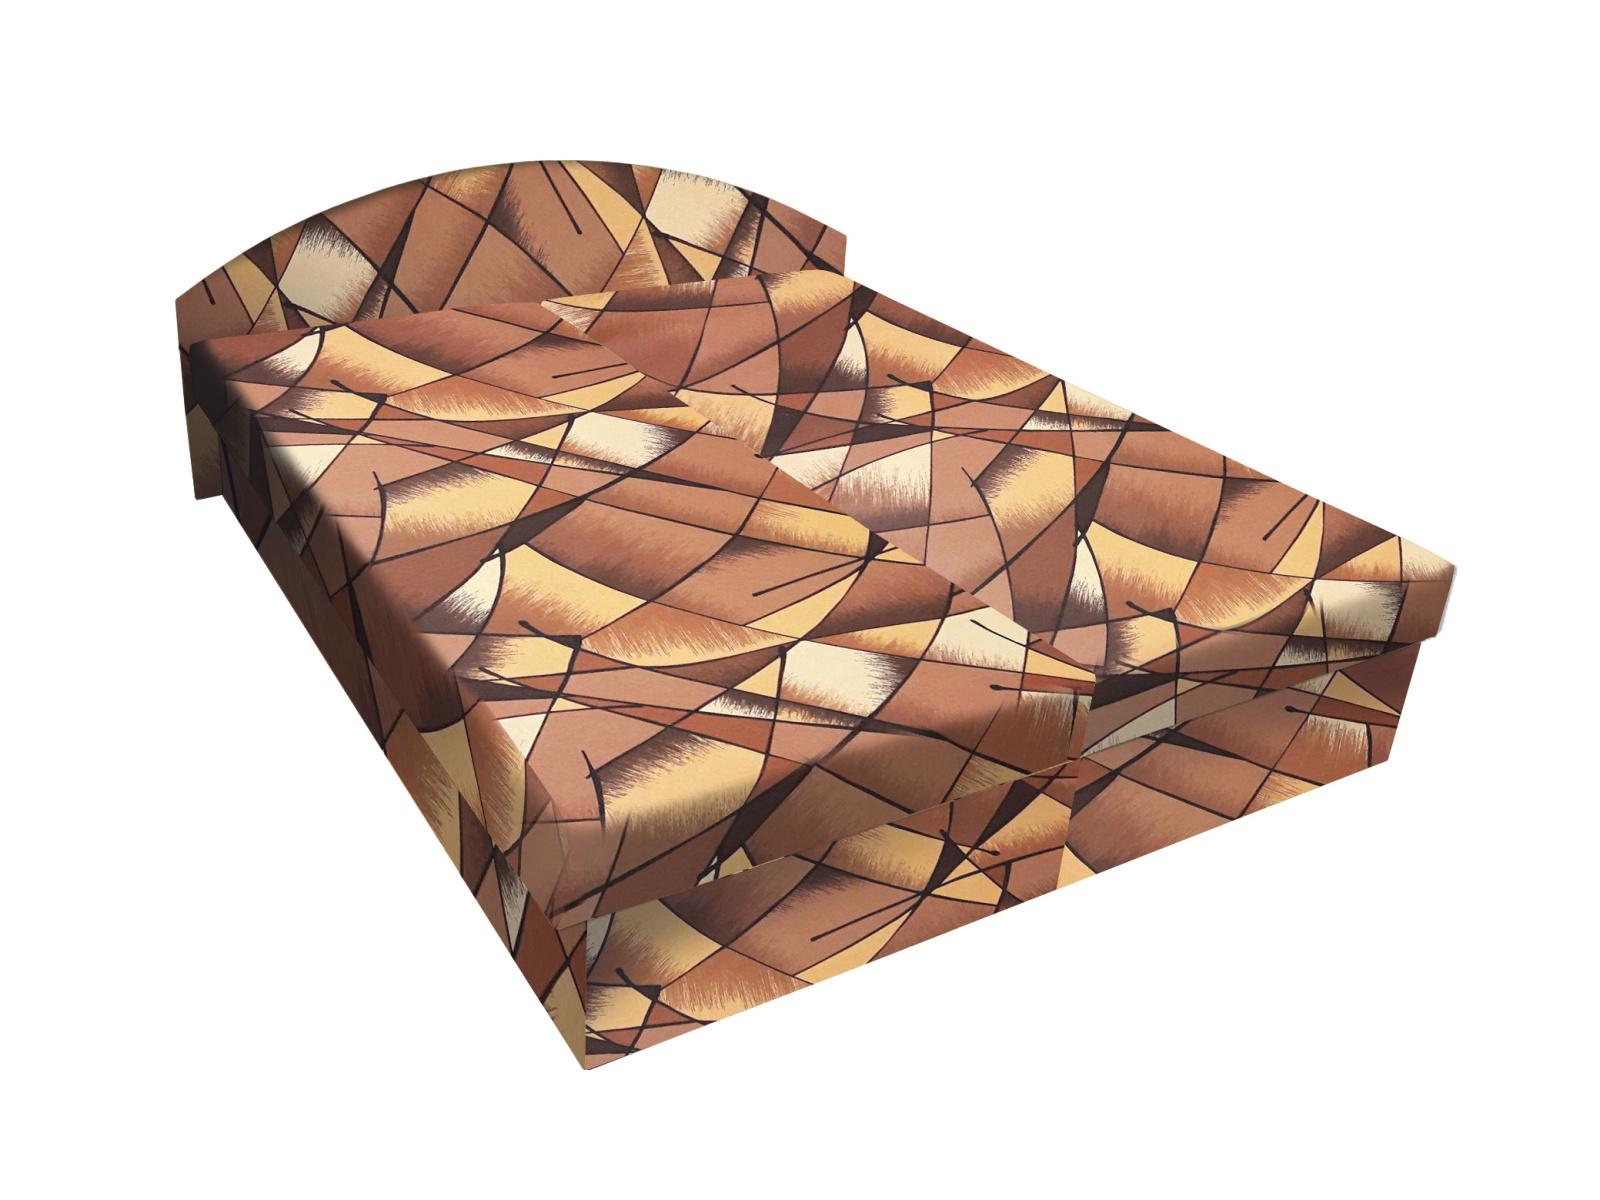 Smartshop Čalouněná postel ÁJA 160x195 cm, hnědožlutá látka